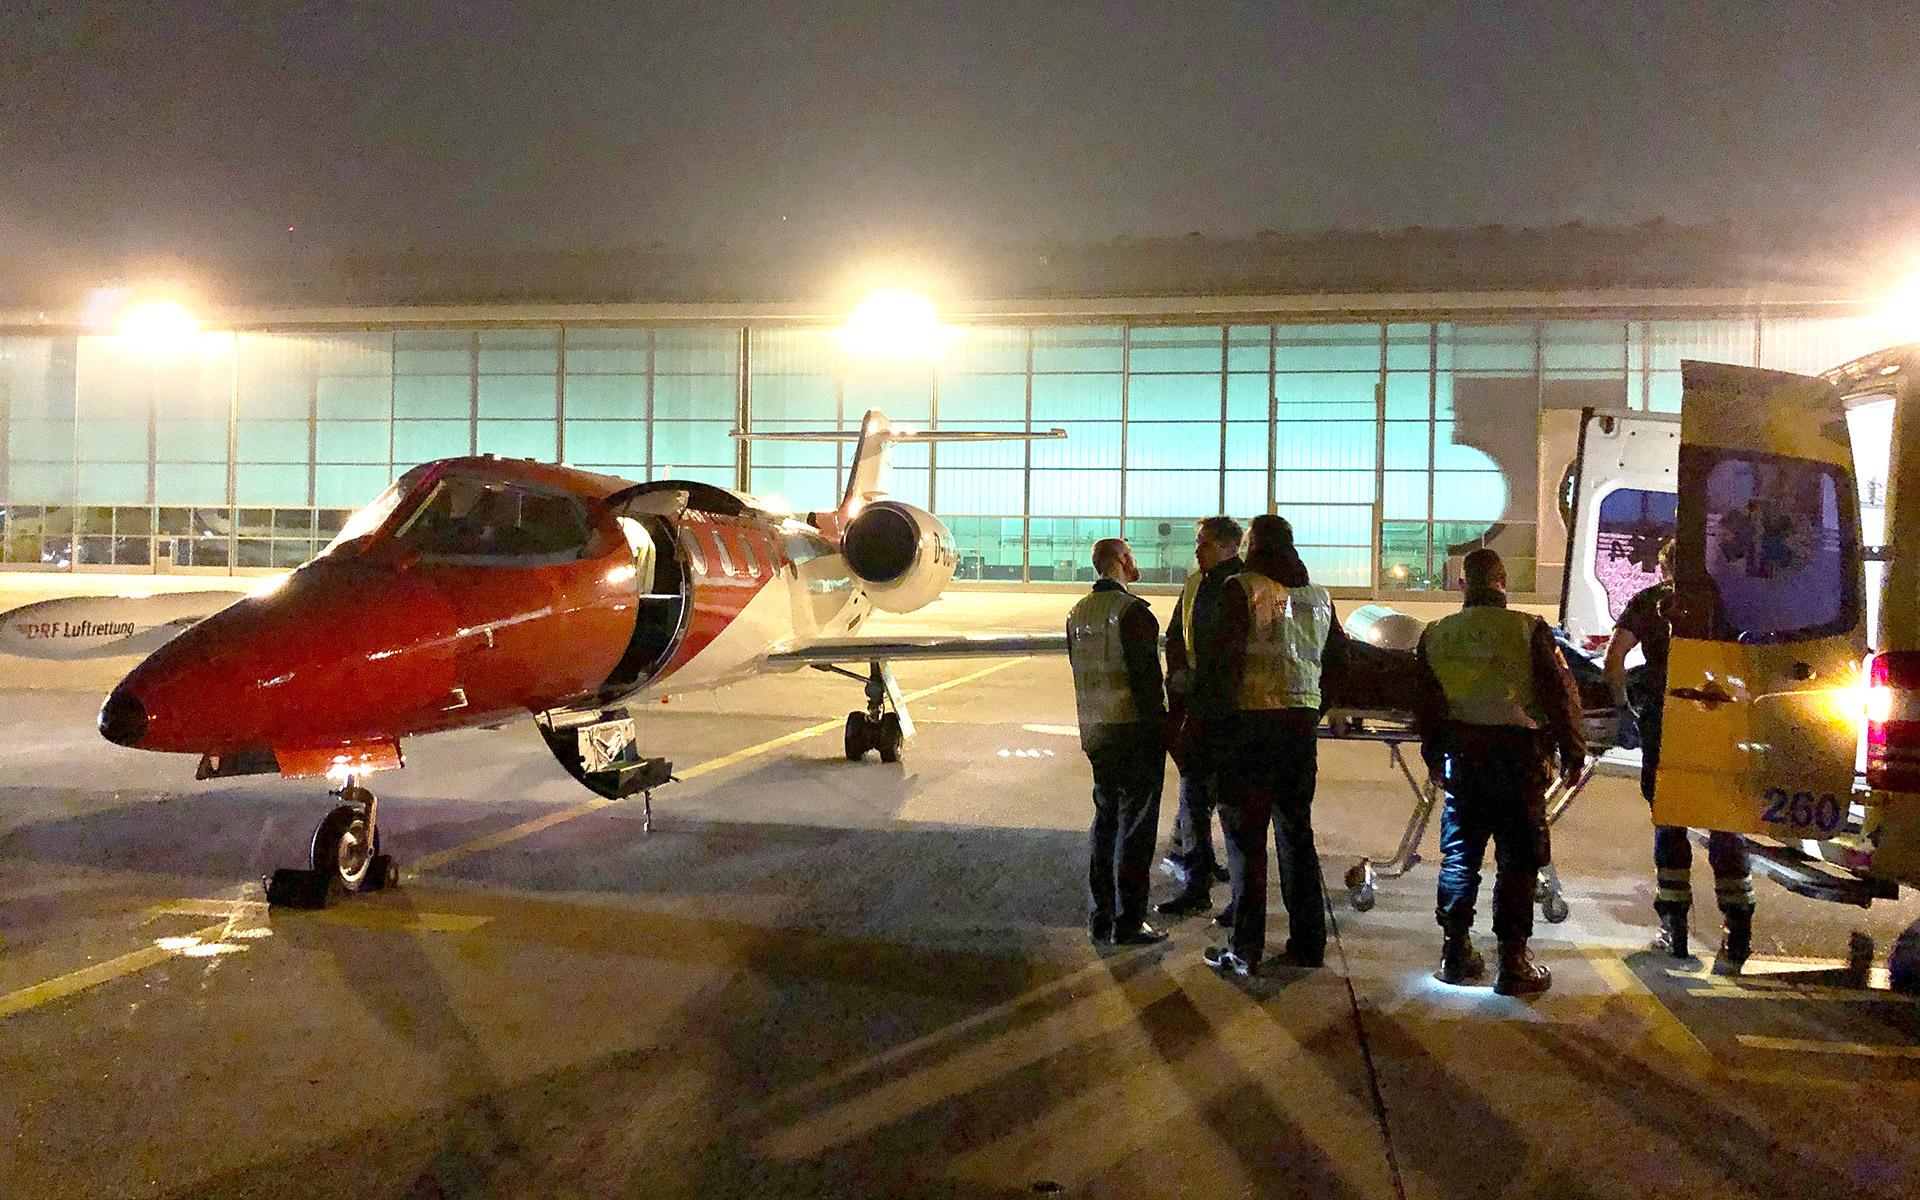 Die Patientin wird in Genf im Hangar umgeladen. Foto: L. Tausendfreund